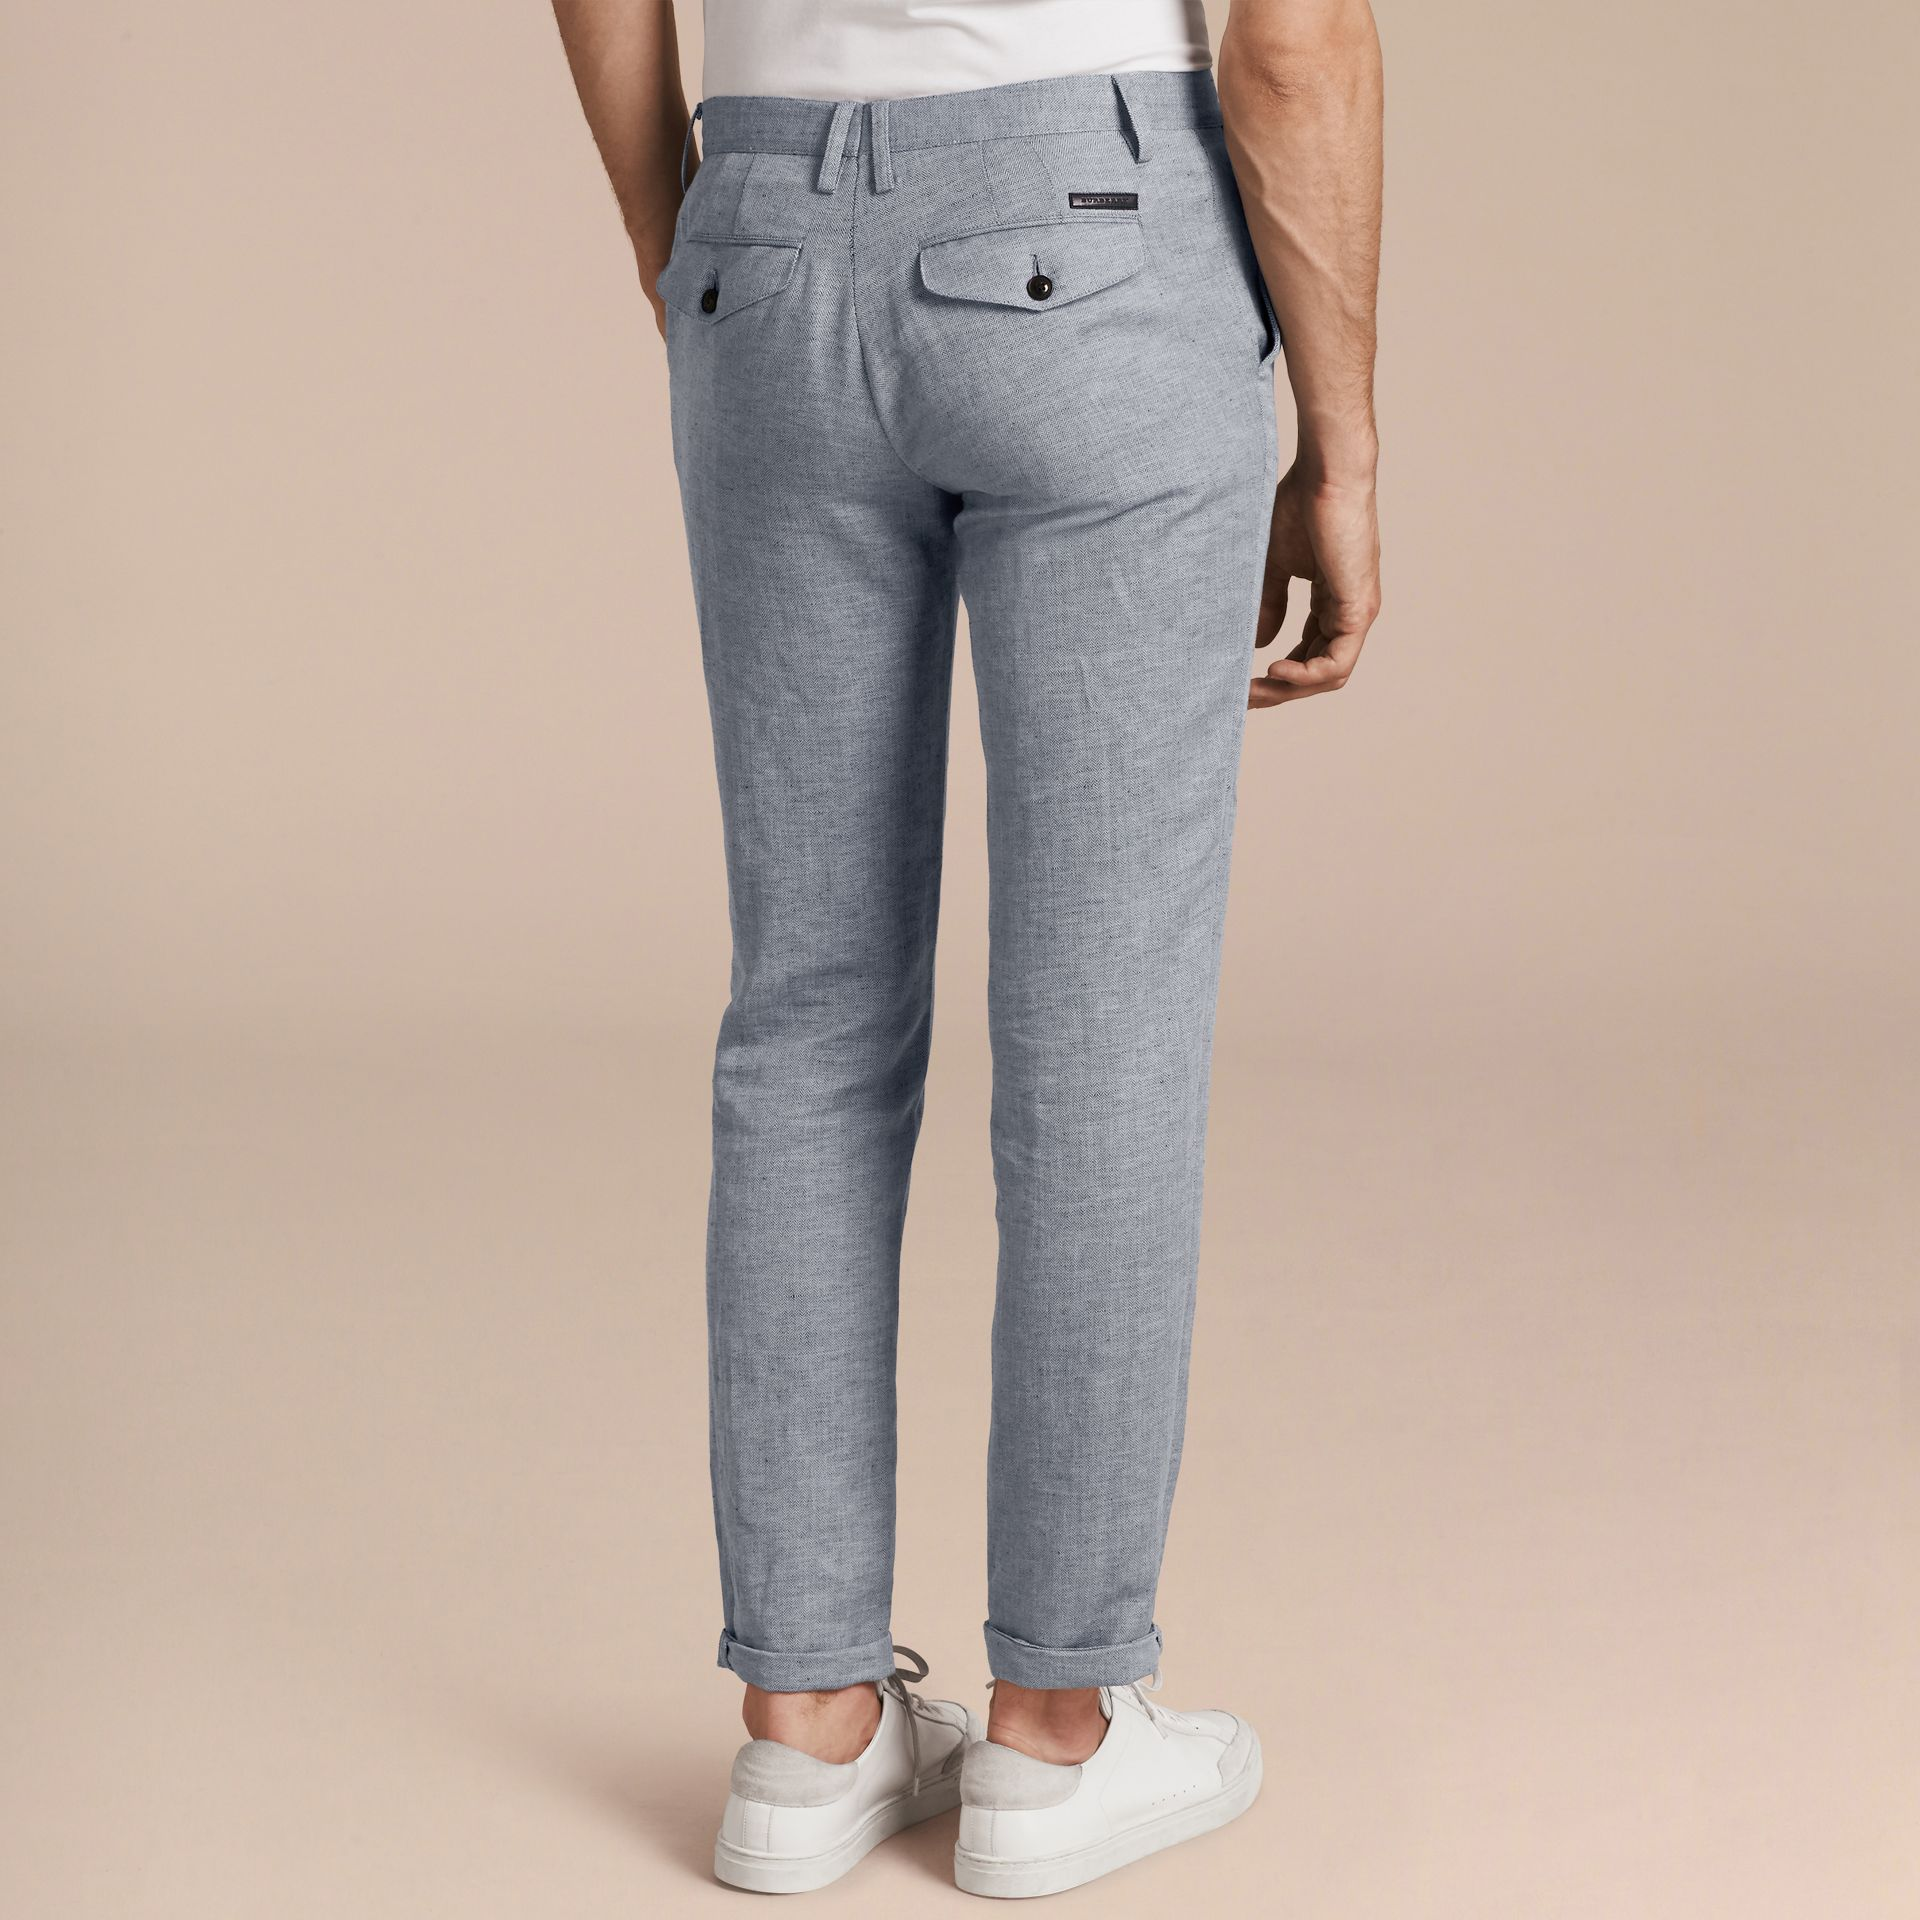 Azul pálido Pantalones chinos en algodón y lino Azul Pálido - imagen de la galería 3